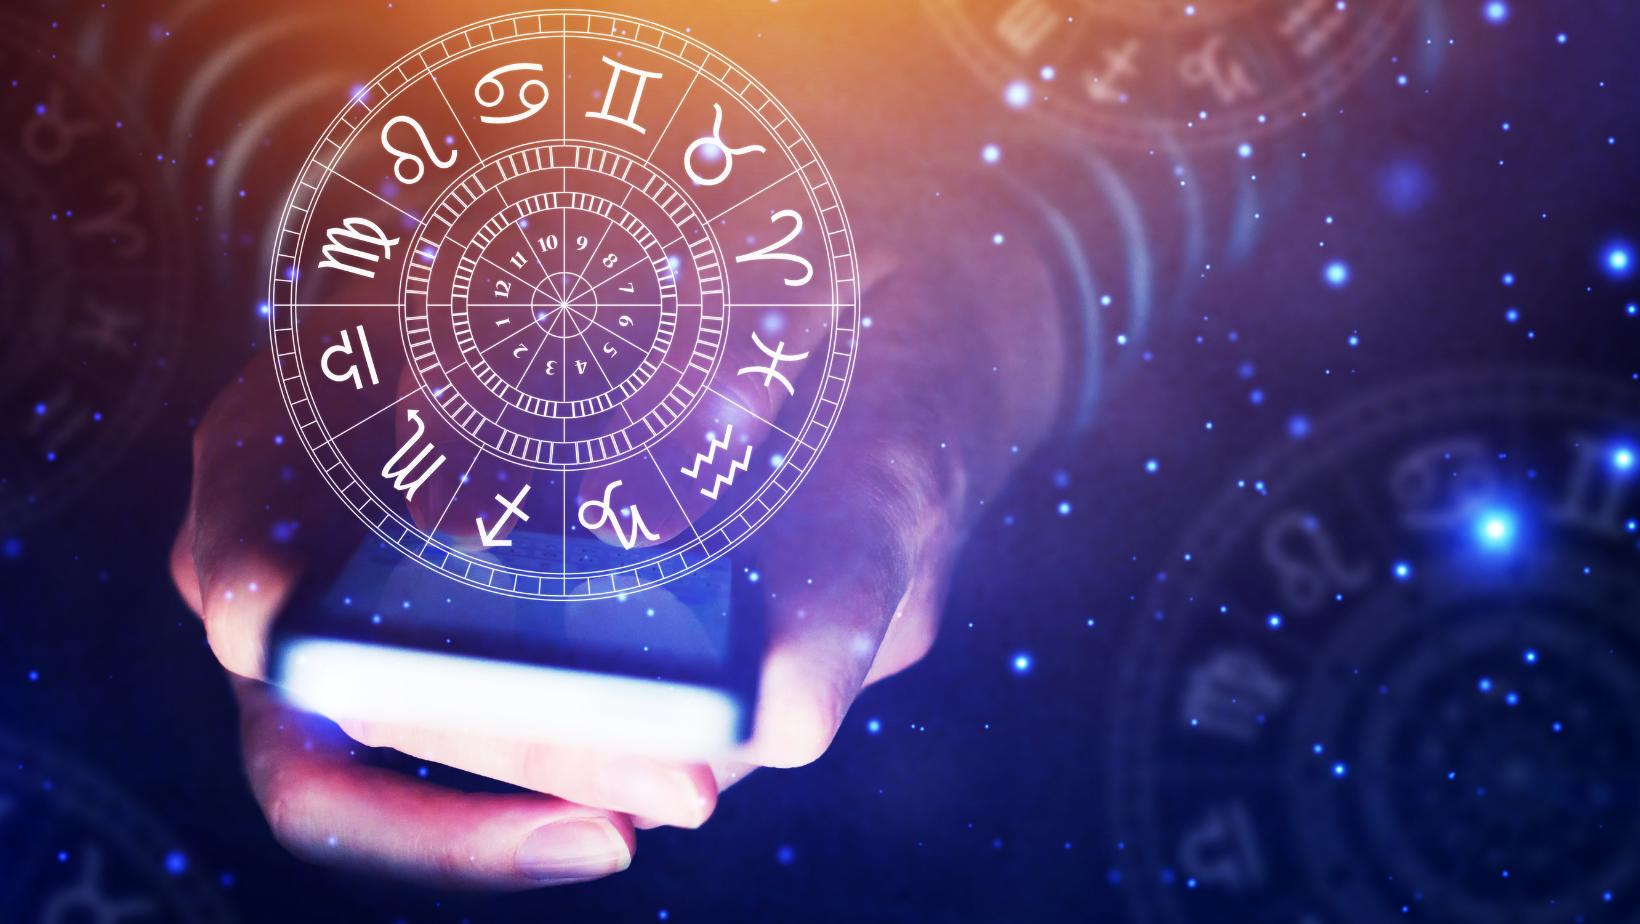 Astrology symbols.